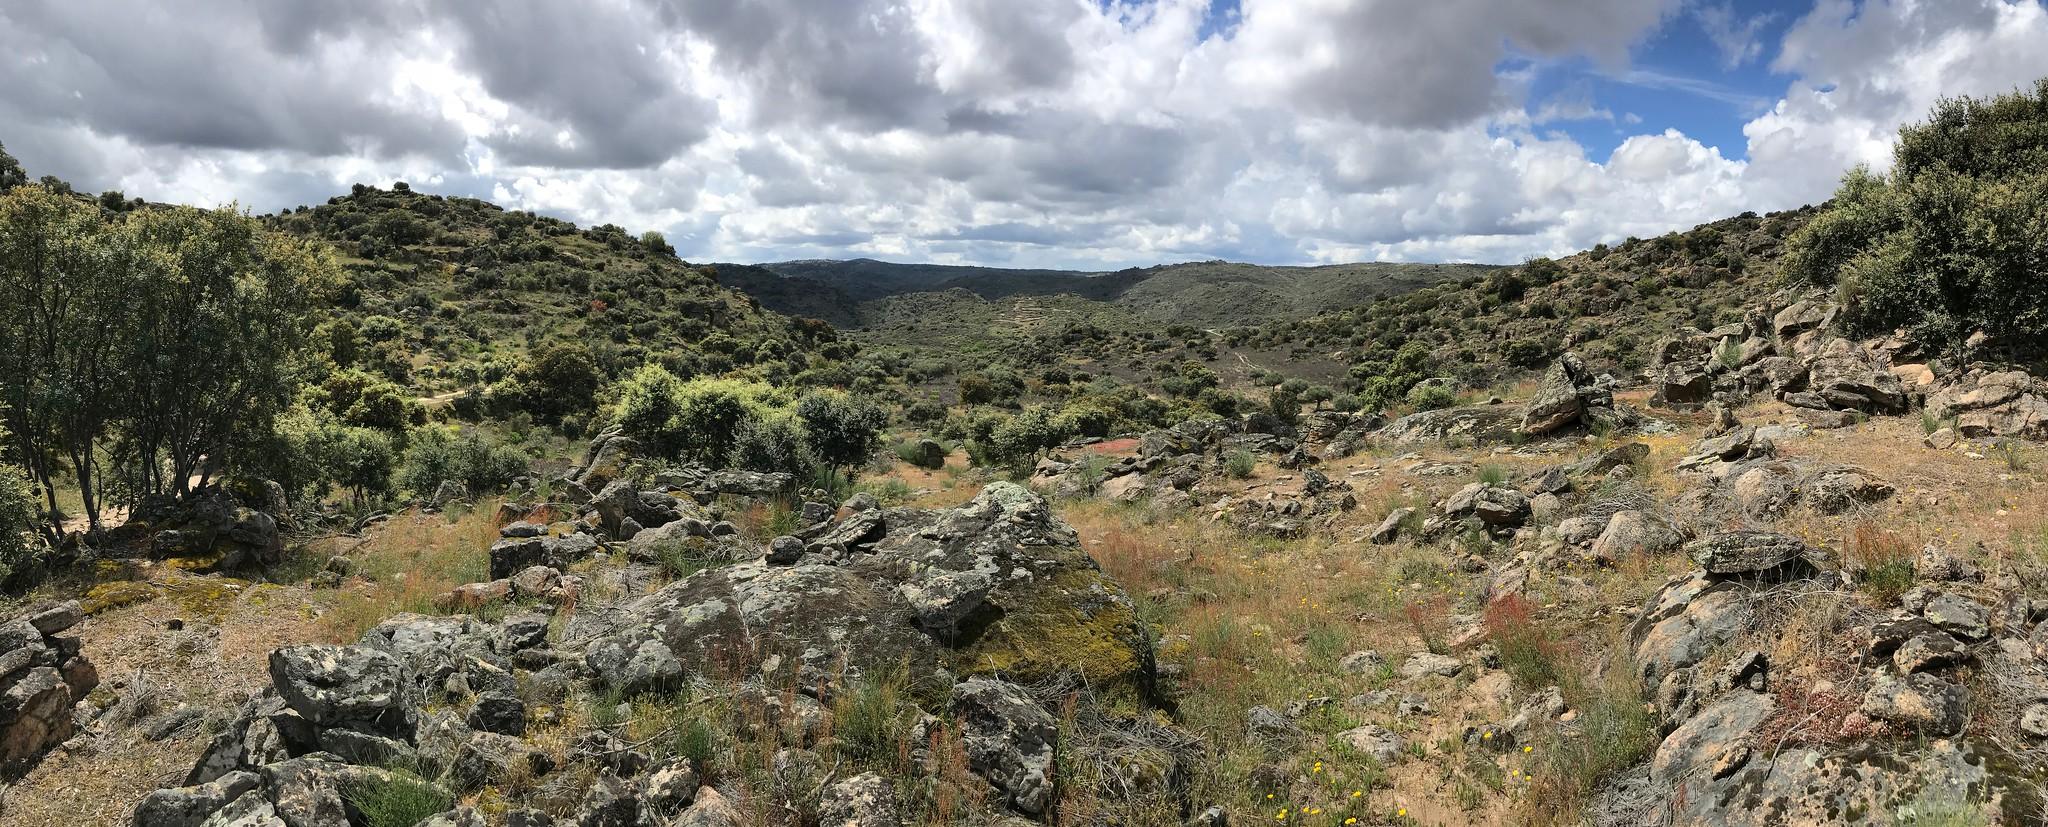 Grande Vale do Côa em série sobre o regresso da vida selvagem